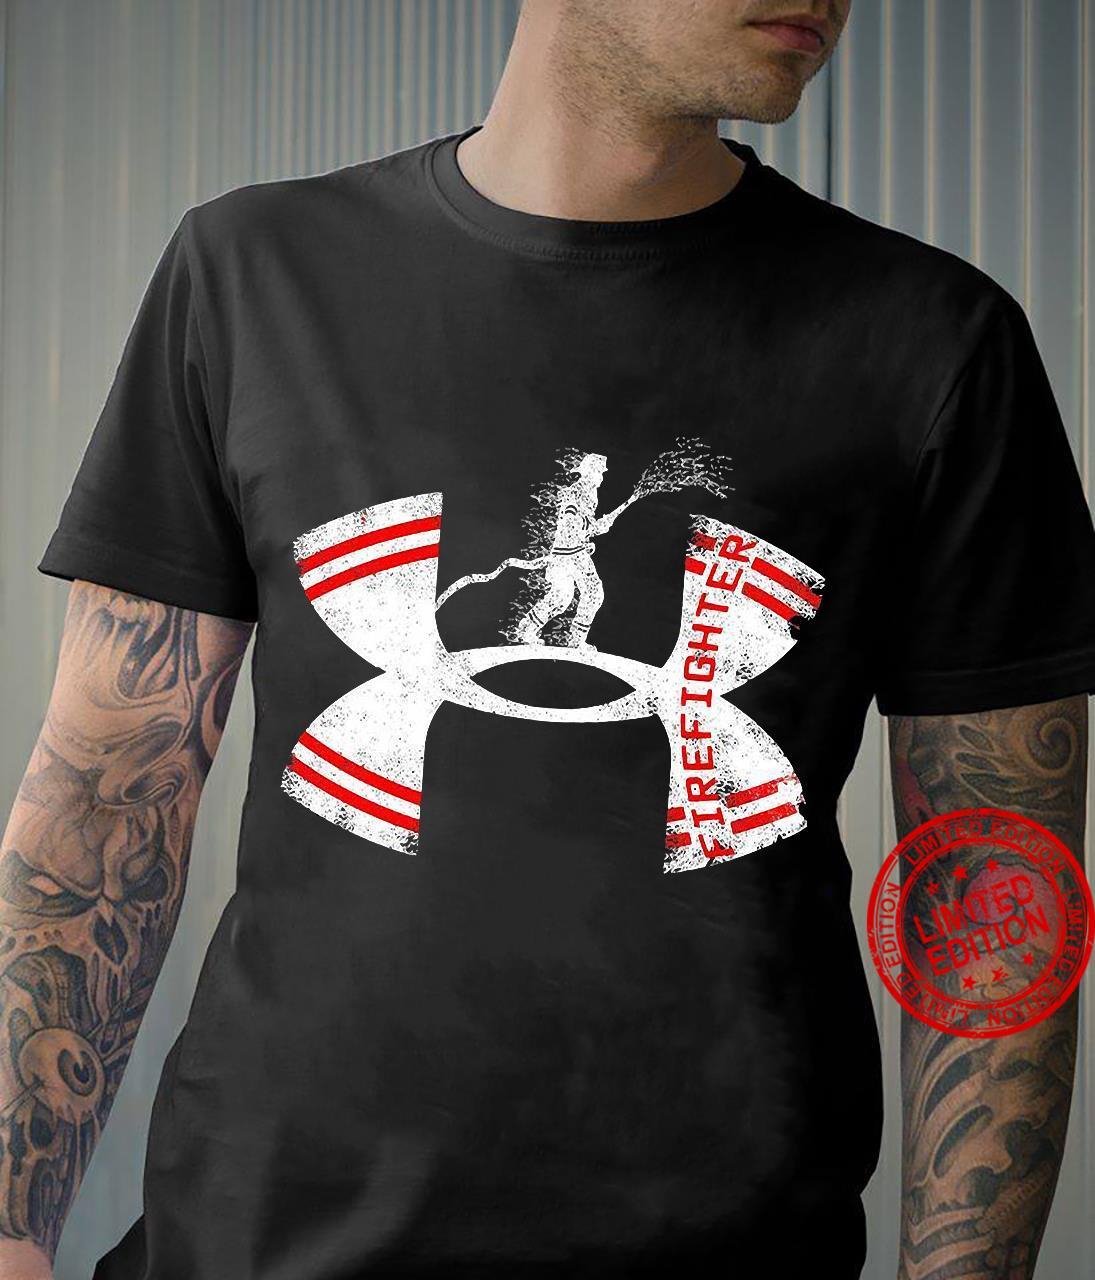 Under Armour logo Firefighter shirt